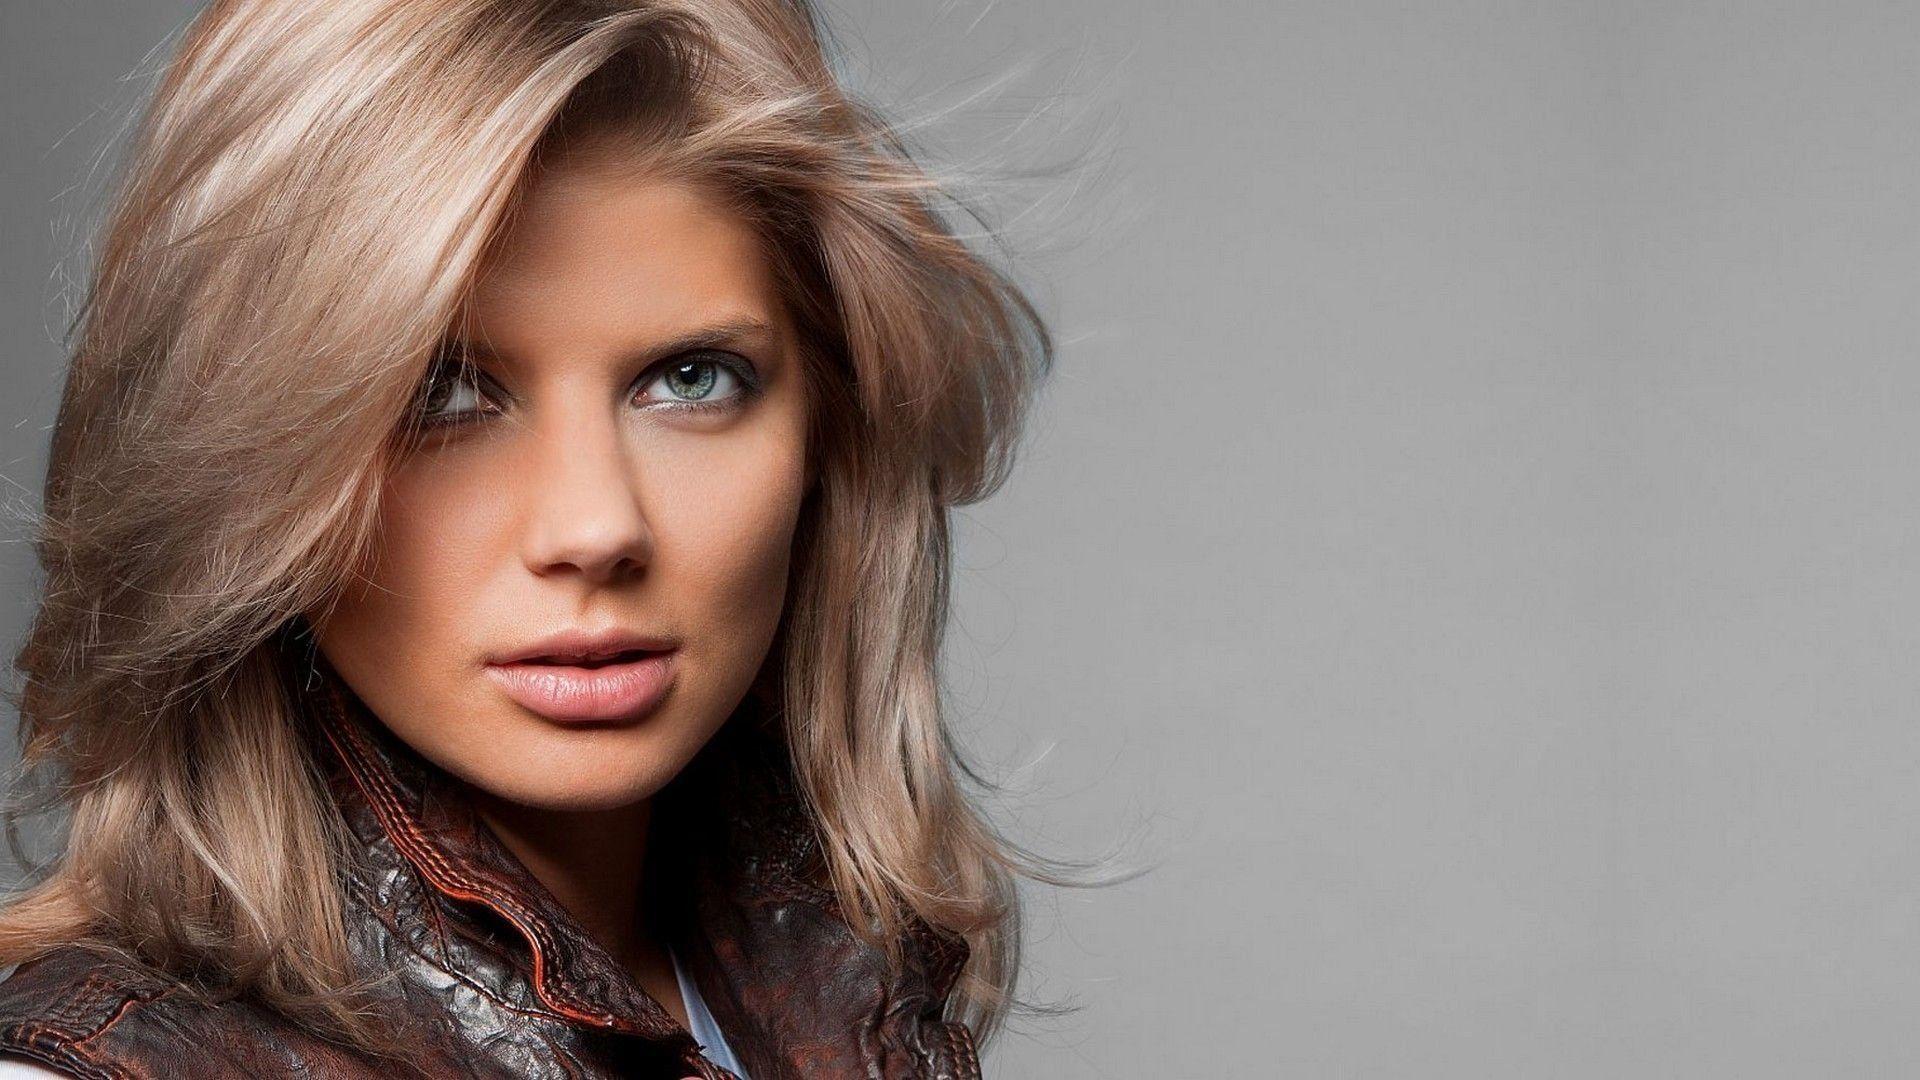 Фото девушек звезд эстрады, Голые знаменитости - российские голые звезды фото 22 фотография